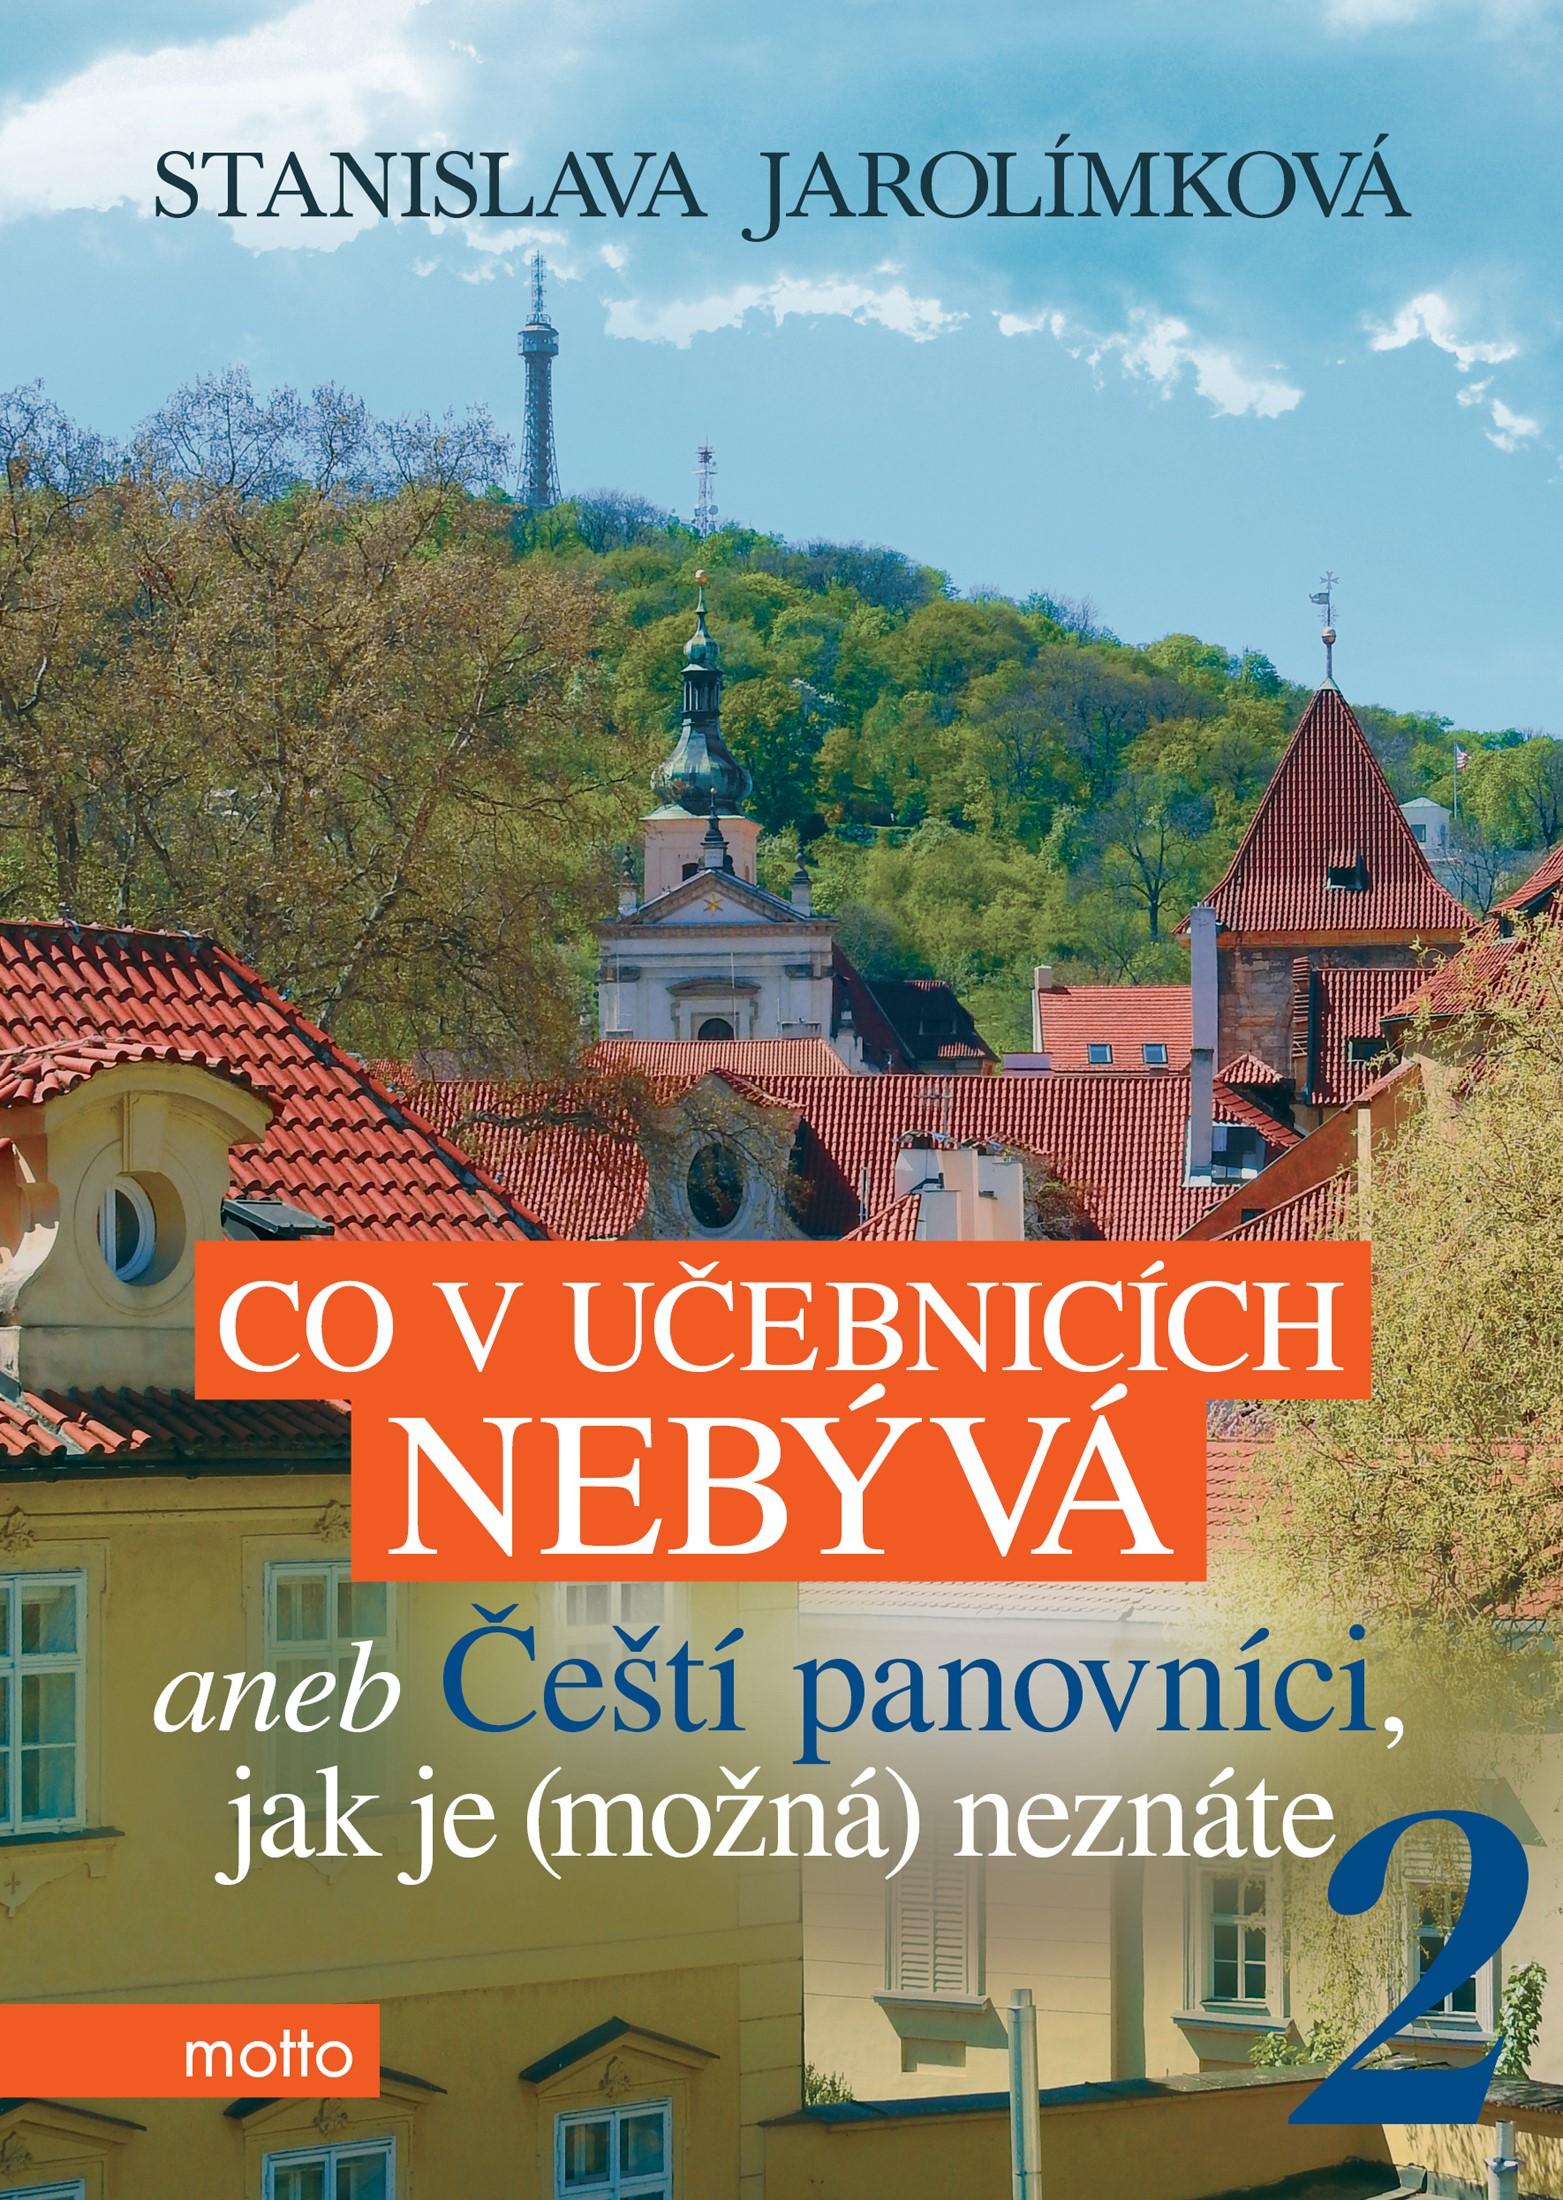 Co v učebnicích nebývá aneb Čeští panovníci, jak je (možná) neznáte 2